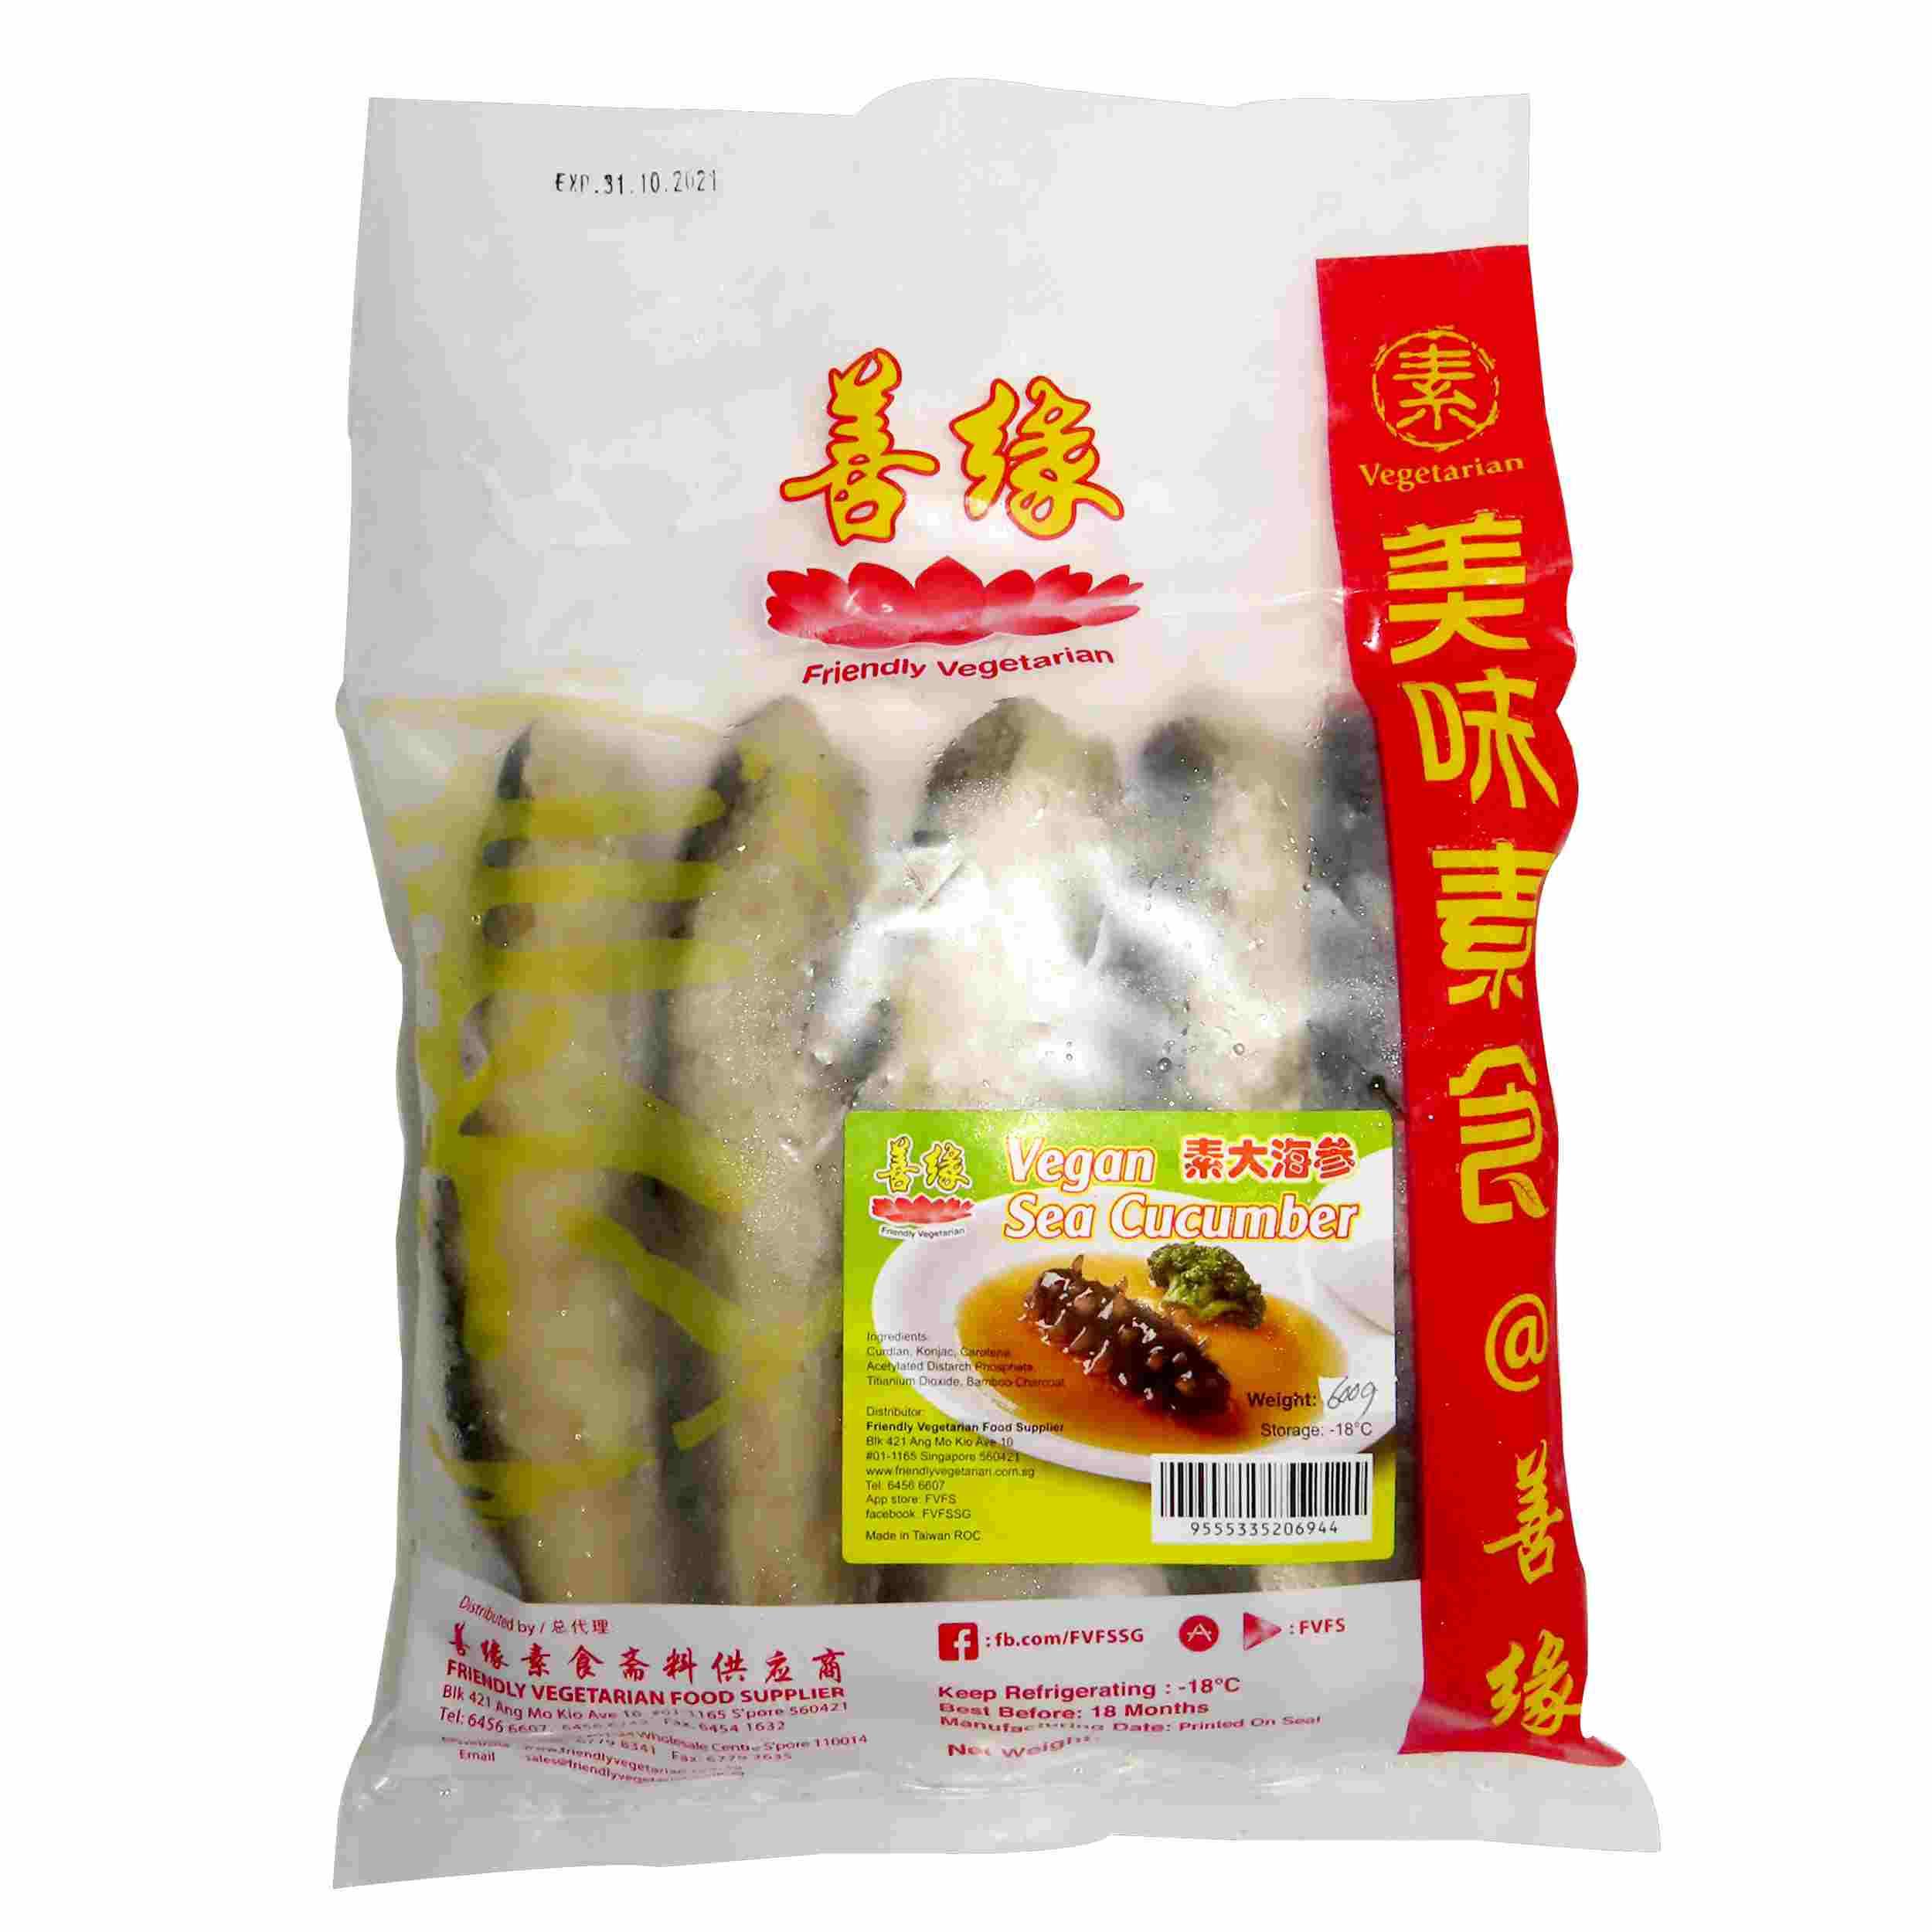 Image Vegan big sea Cucumber 善缘 - 大海参 560grams